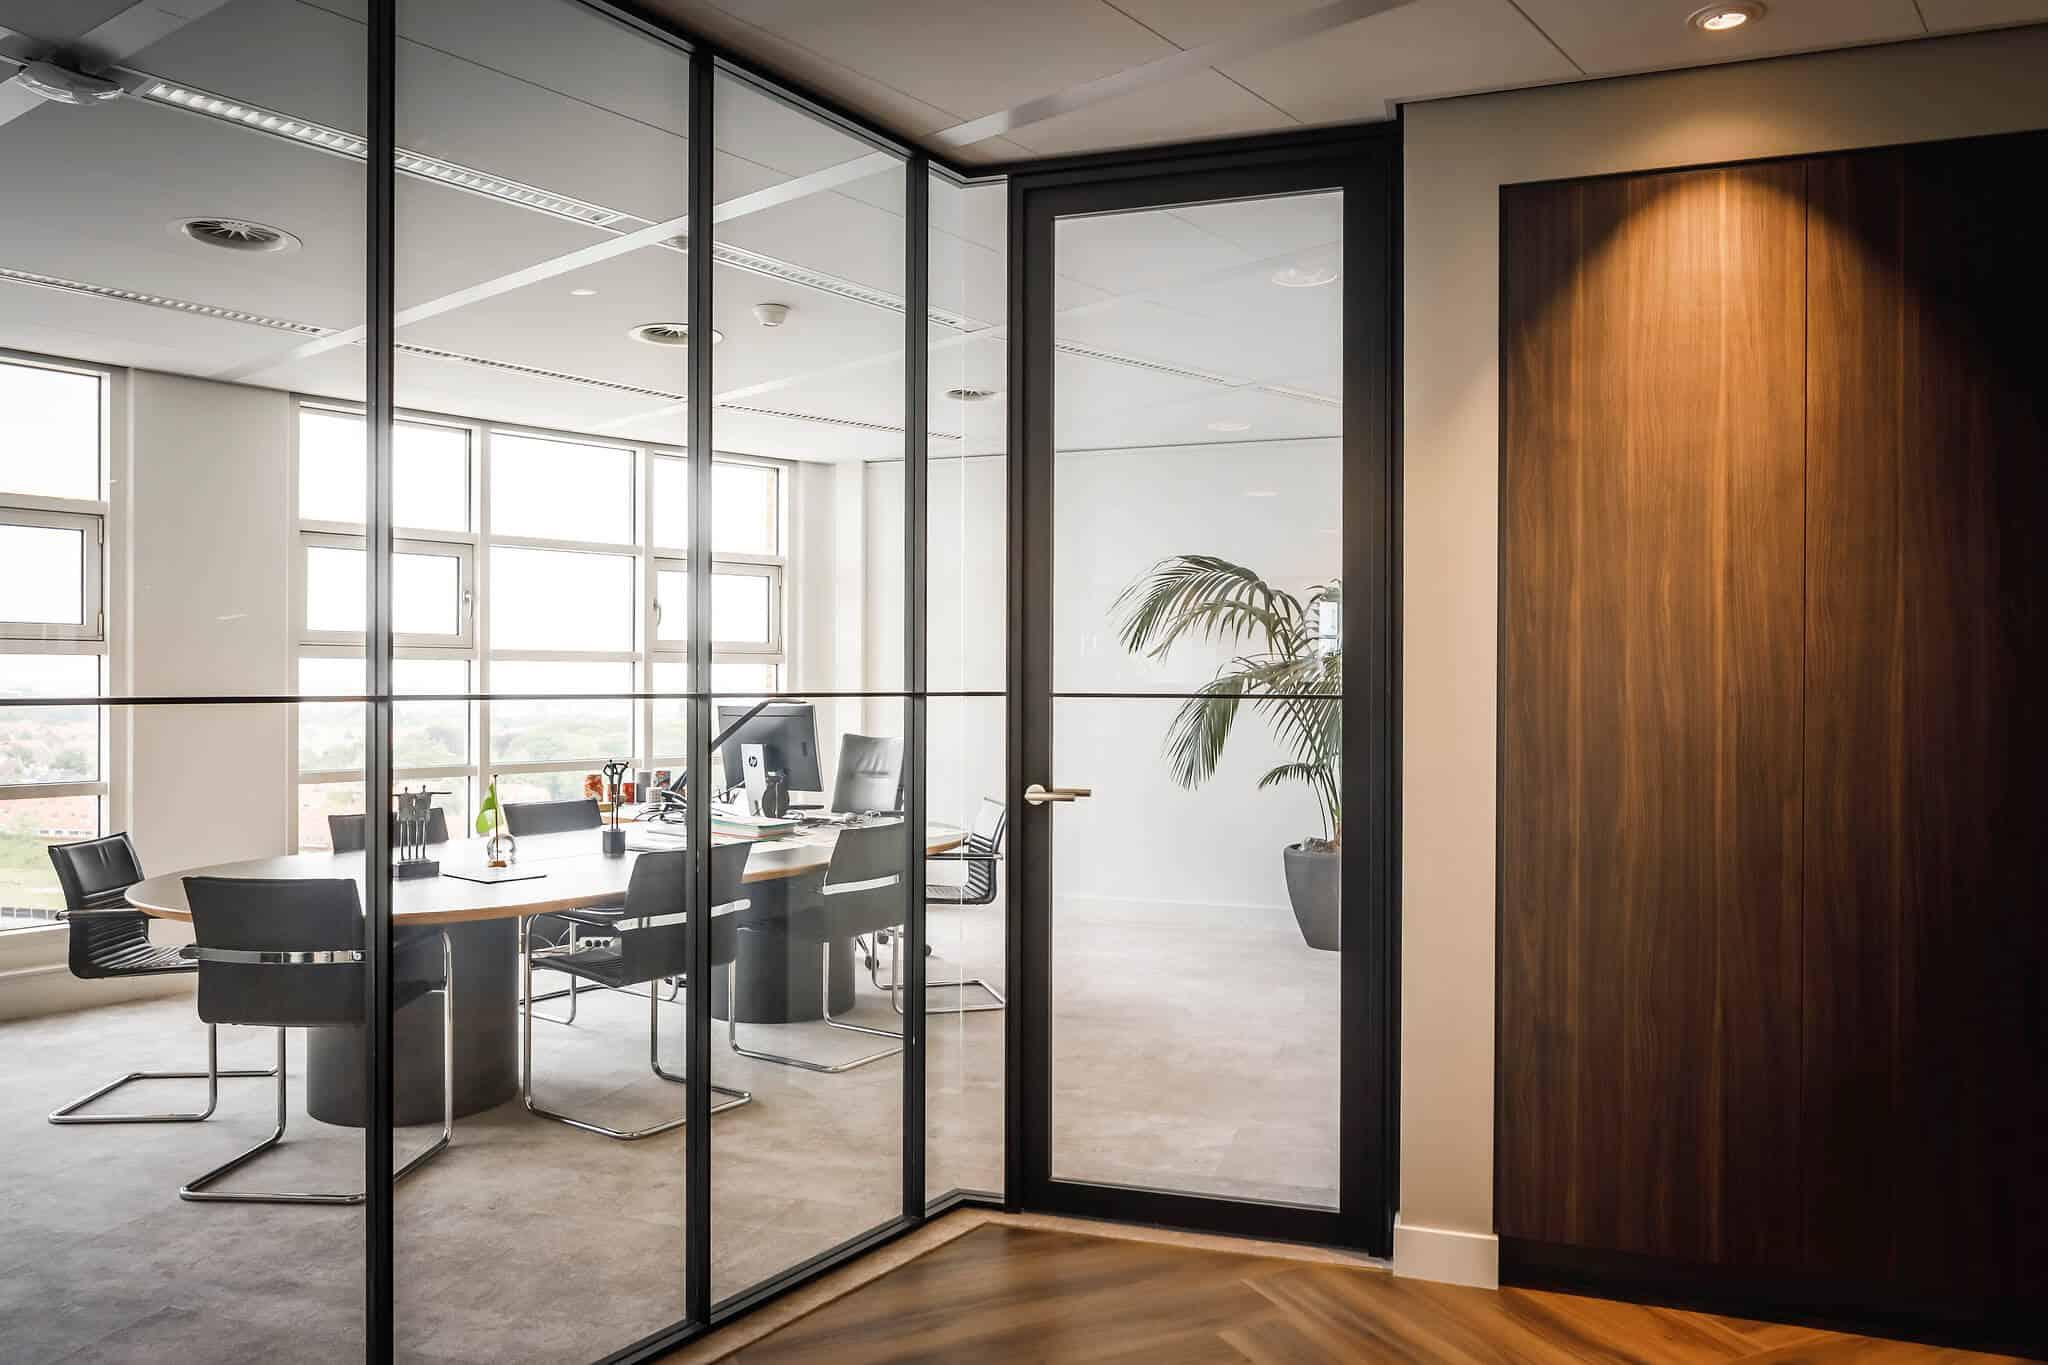 Glazen wanden constructie met staal voor de boardroom met fraai uitzicht over de stad Amersfoort